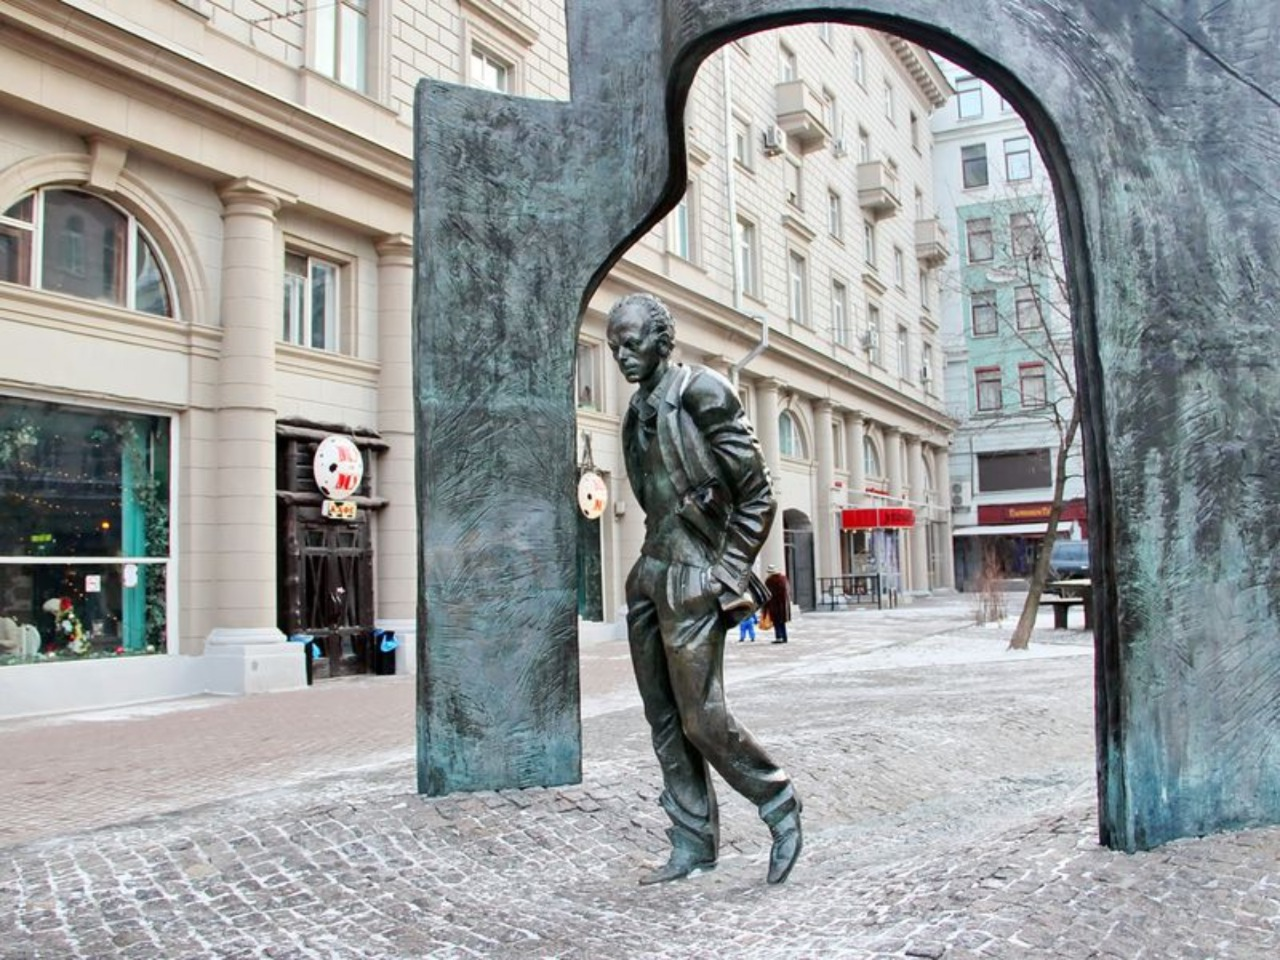 Арбатские истории - индивидуальная экскурсия по Москве от опытного гида